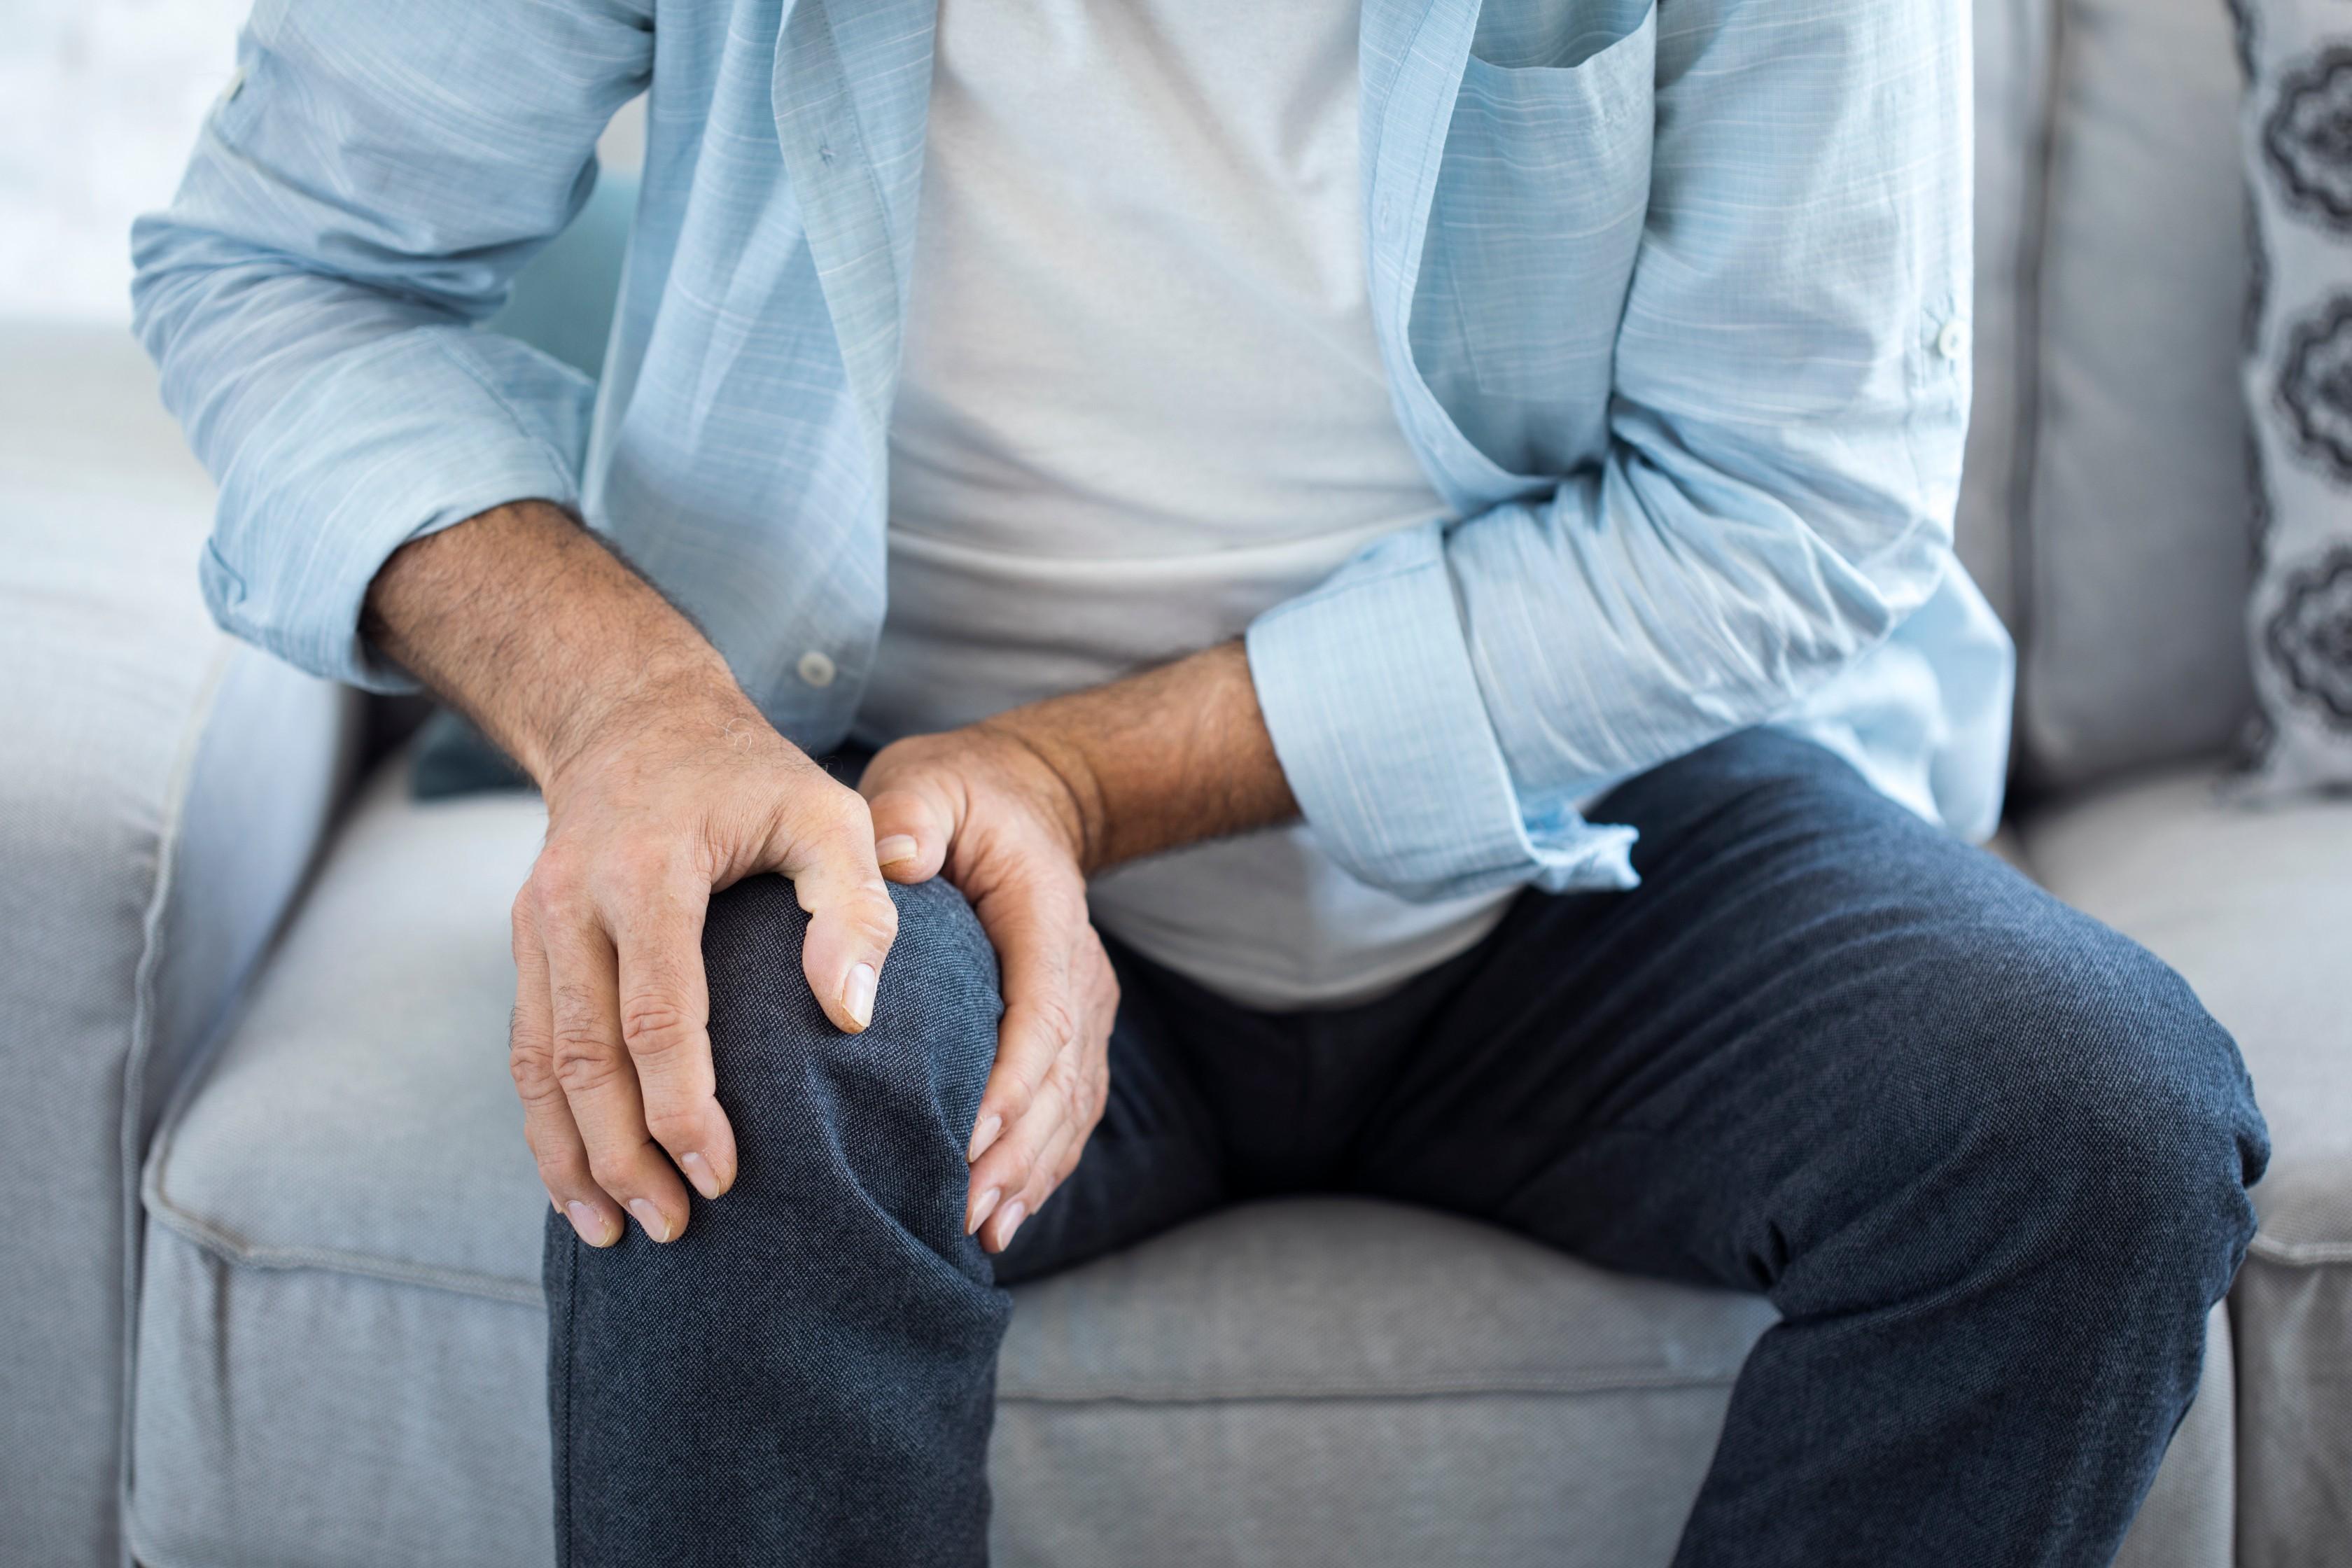 Hilba ízületi kezelés. Az ízületi fájdalom tünetei, okai és kezelései